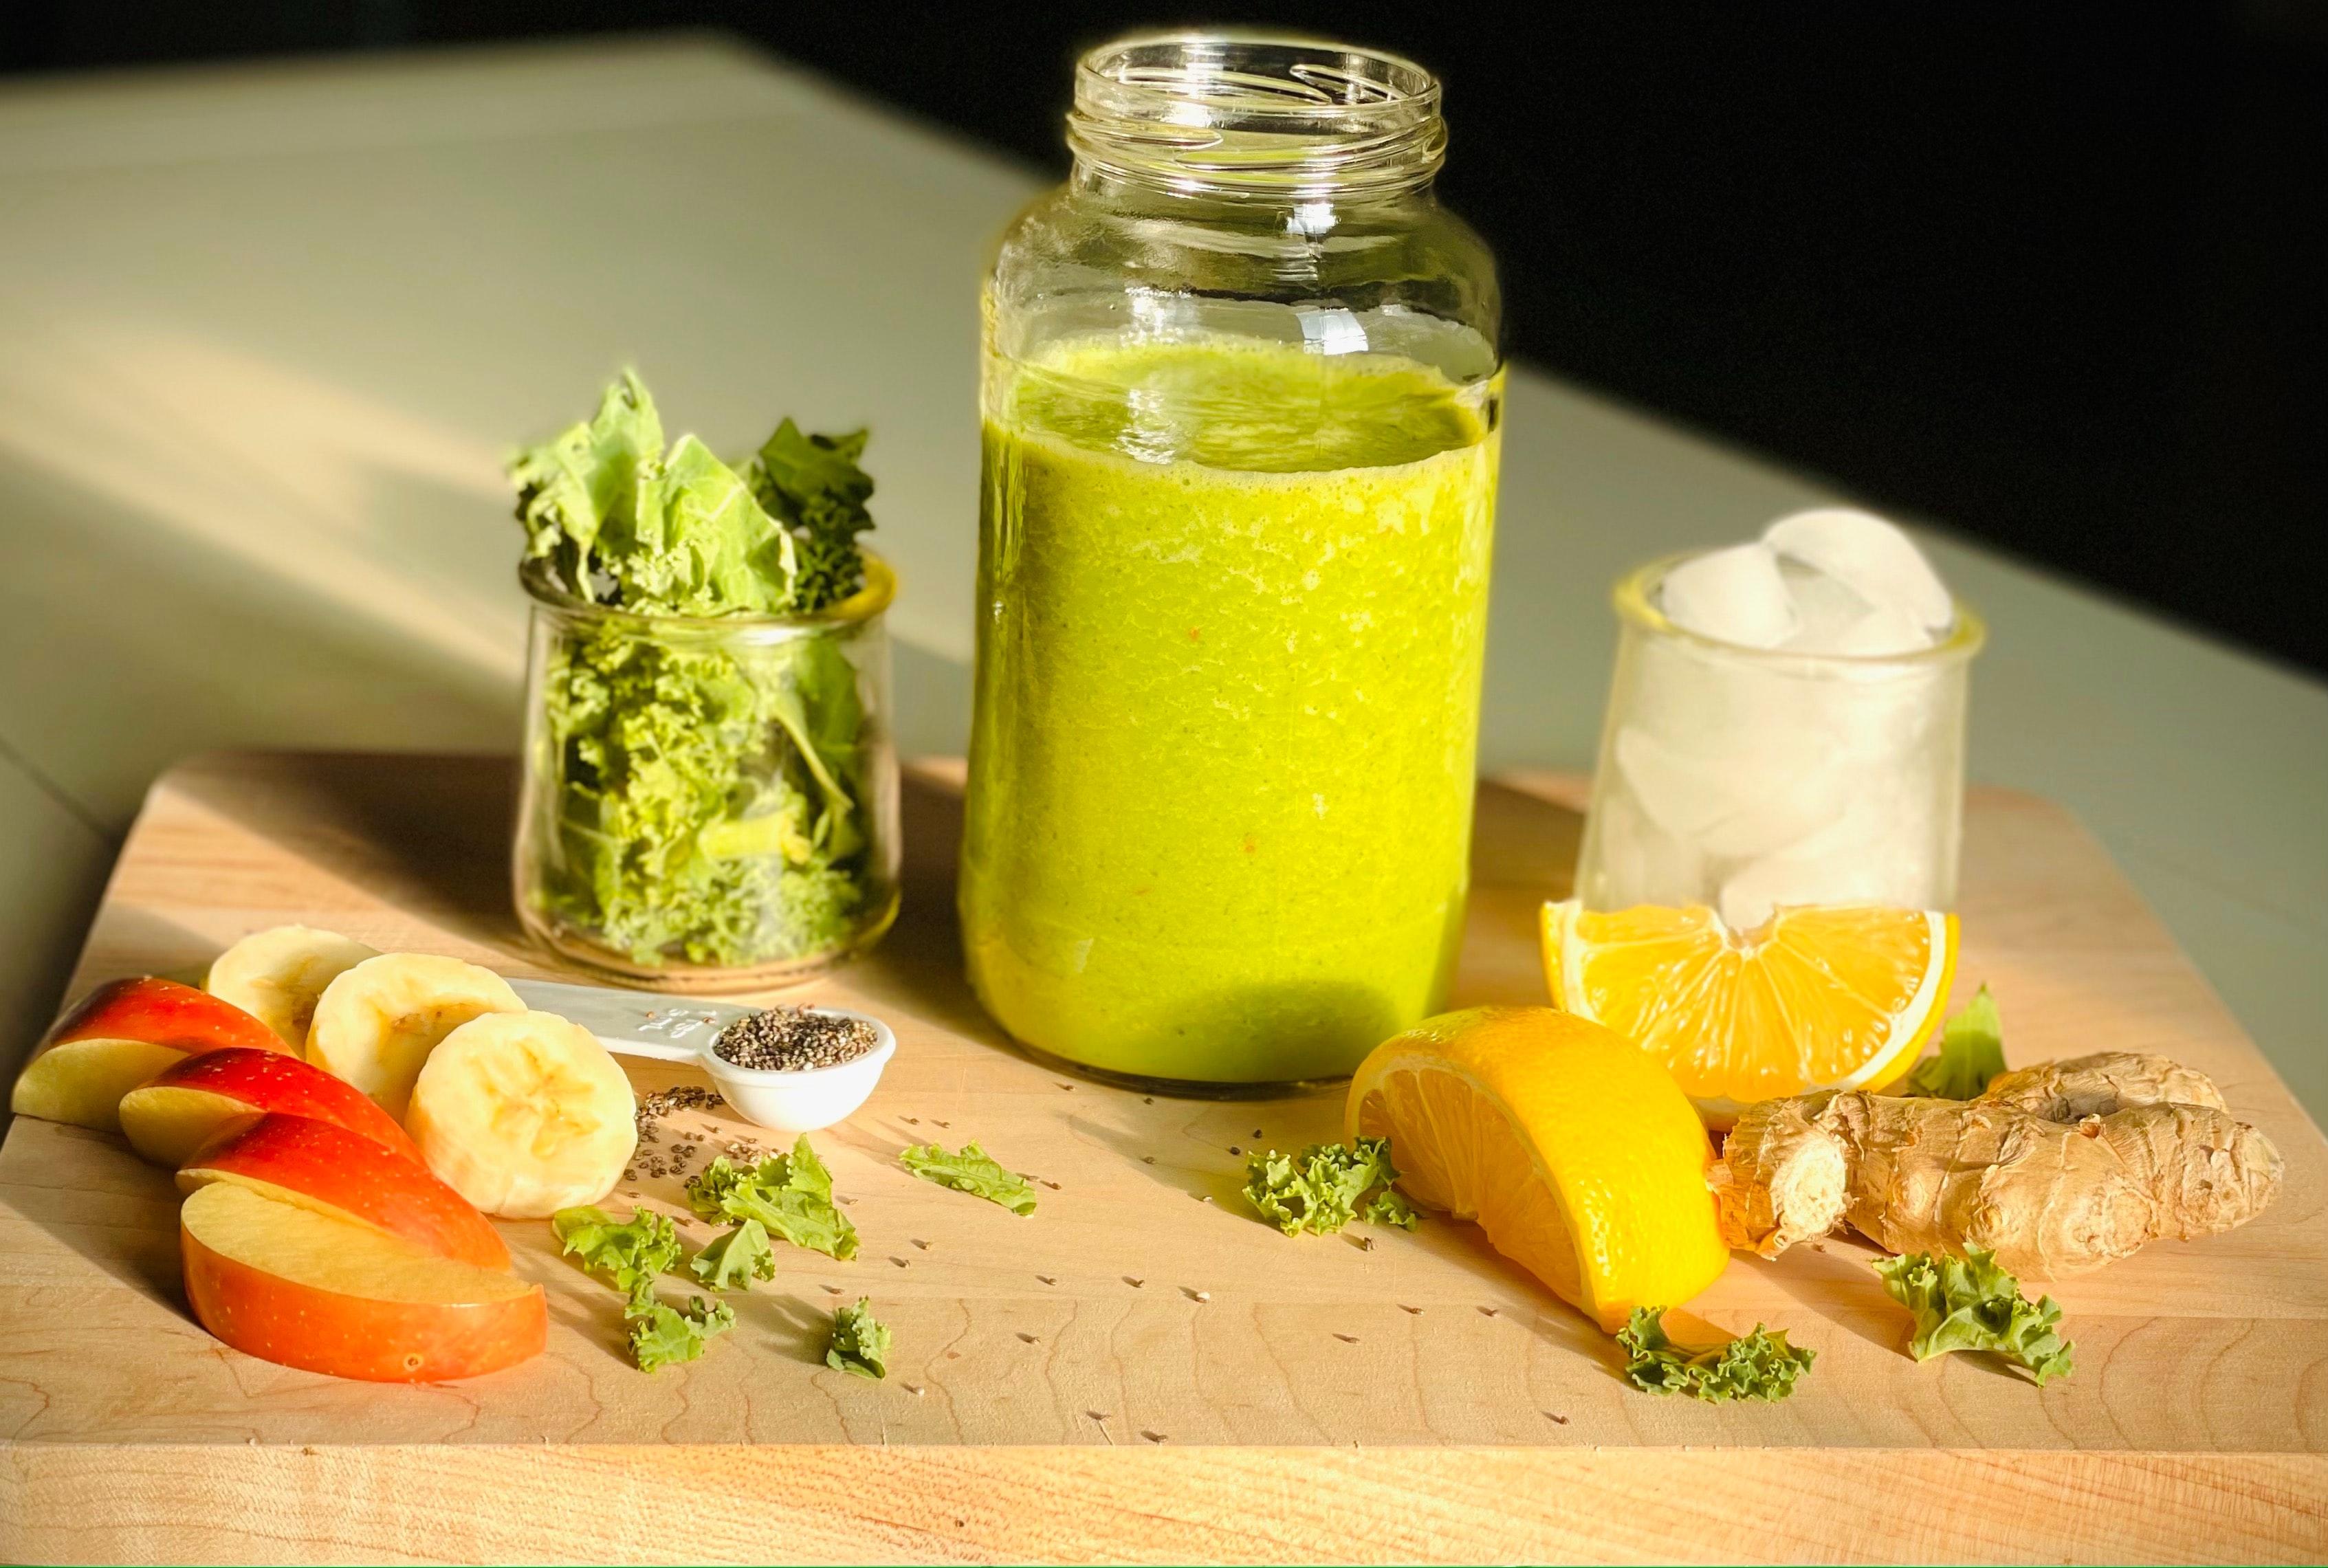 Tipy na zdravé smoothie pro celou rodinu